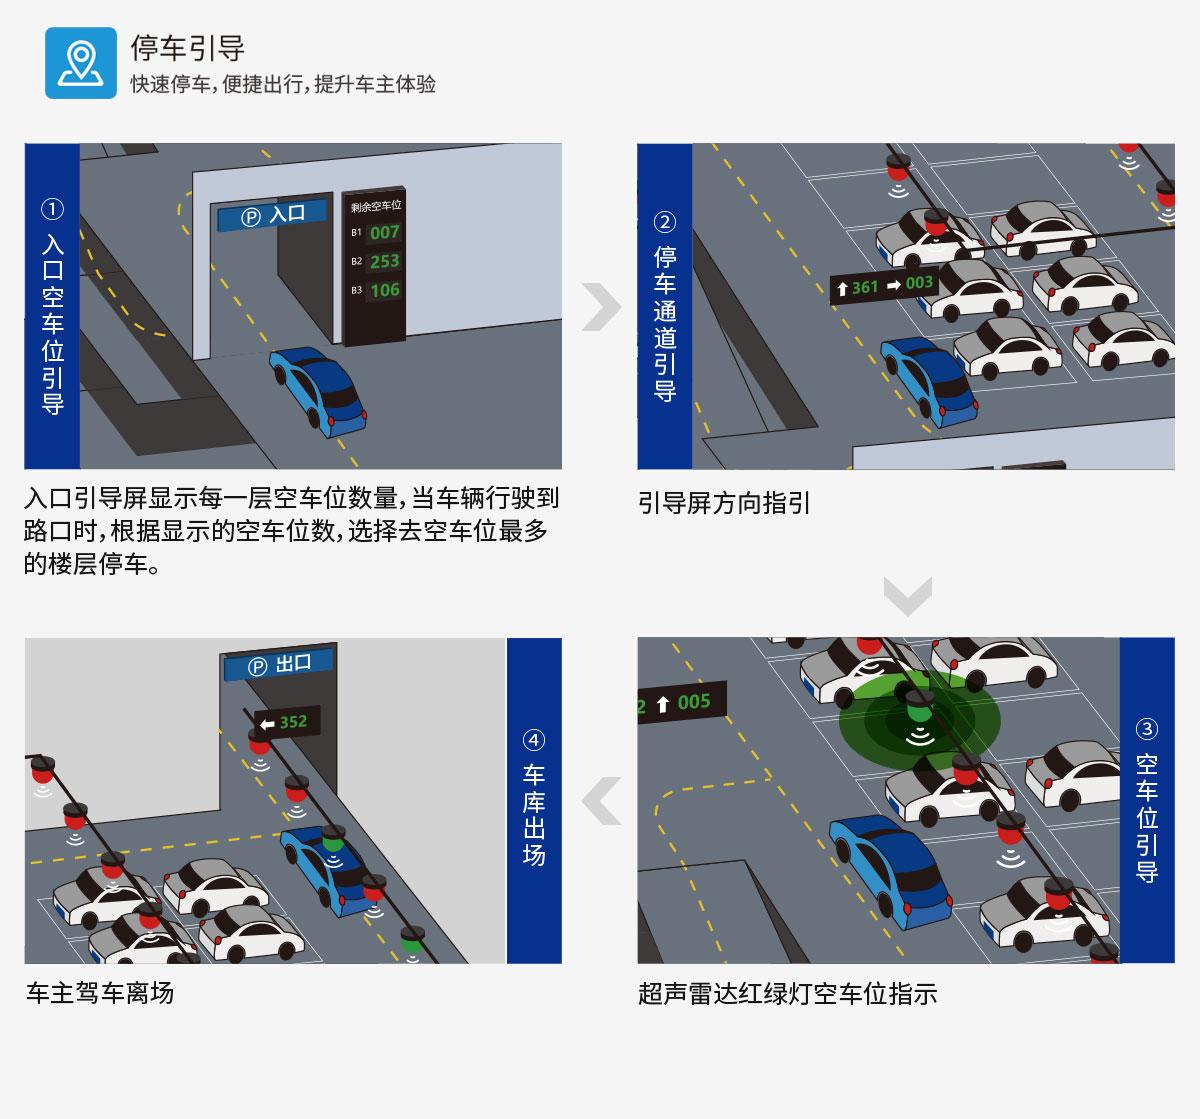 超声波车位引导系统停车流程